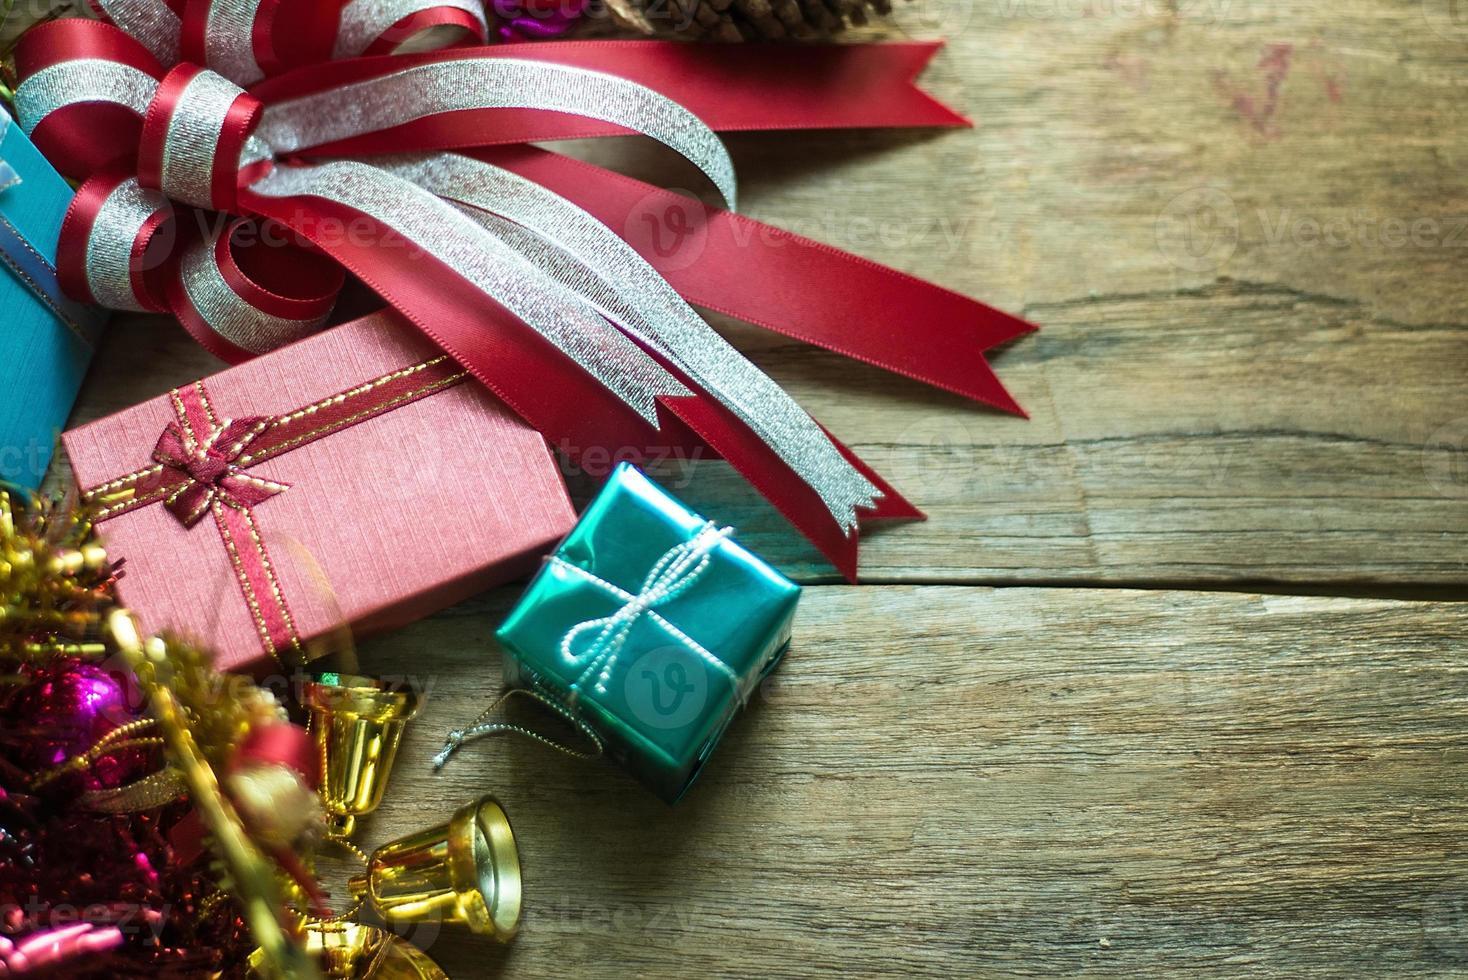 decorazioni natalizie su fondo in legno foto